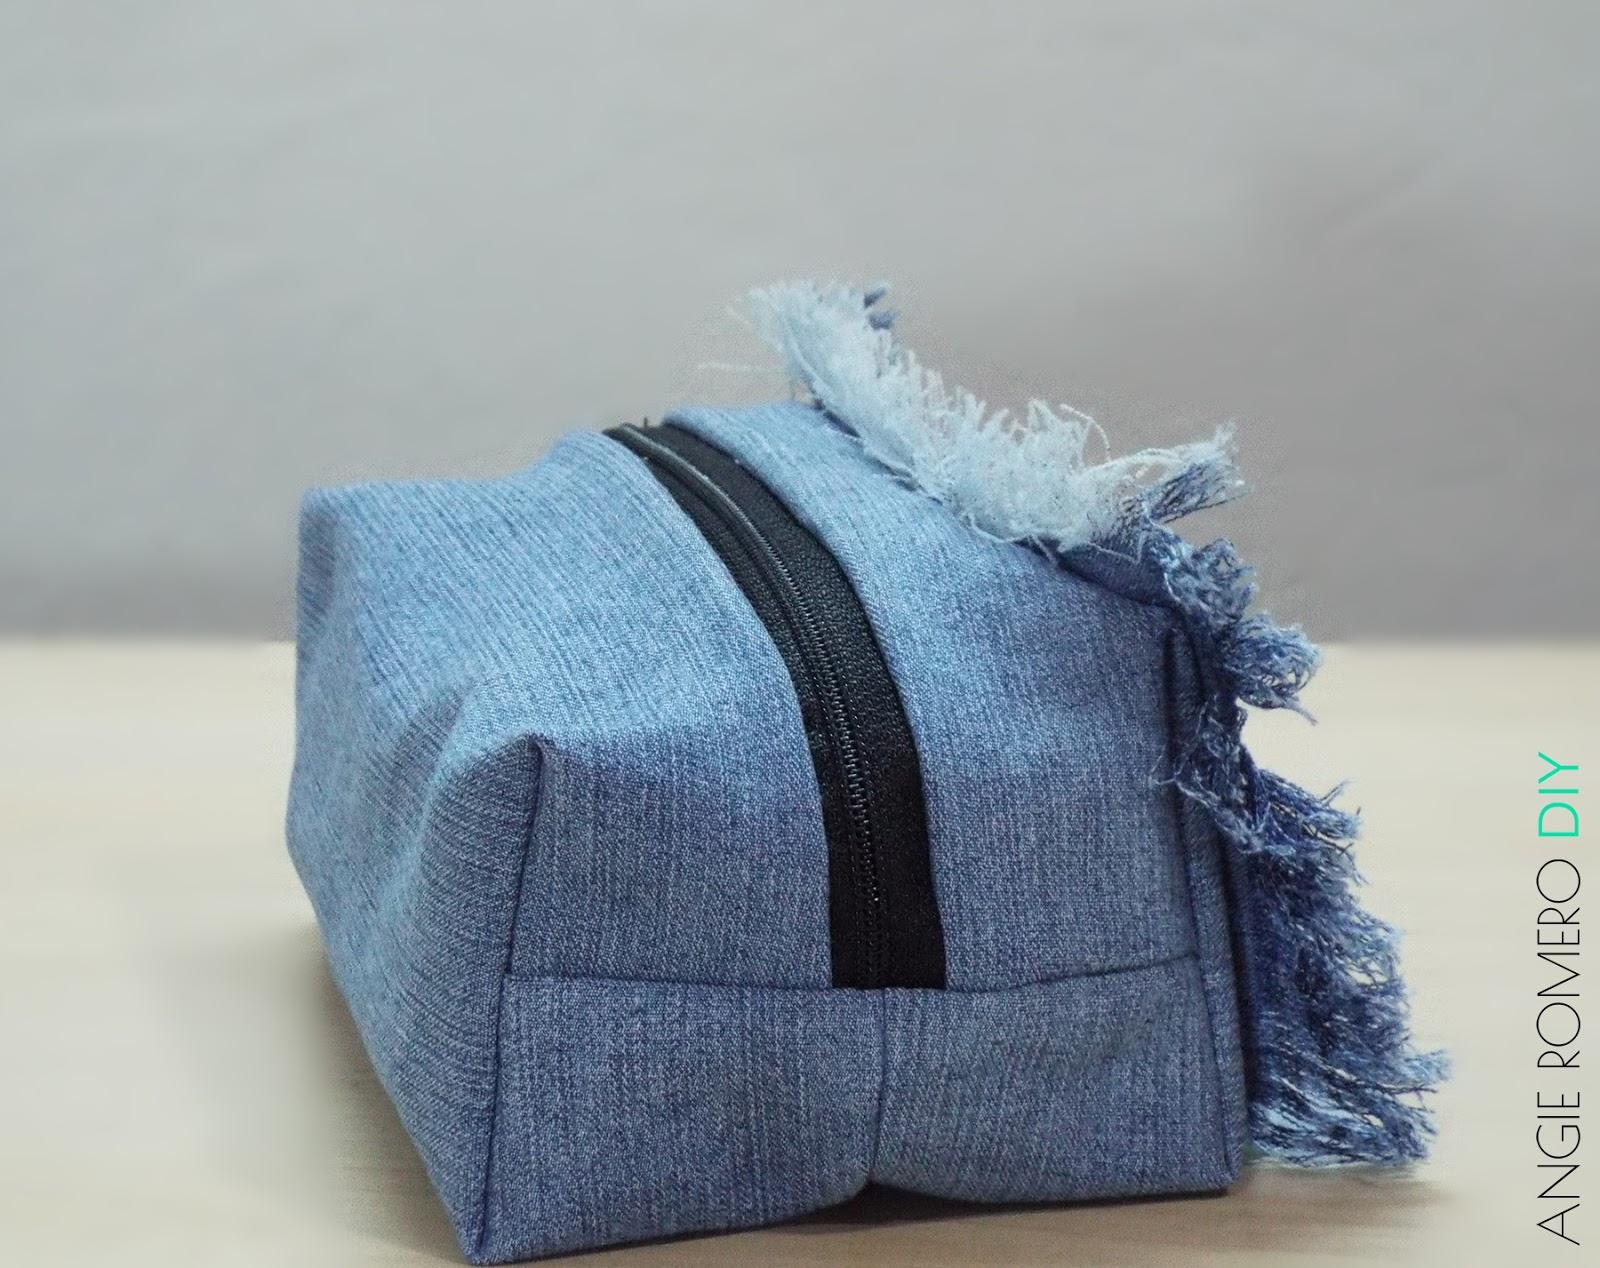 Como reciclar jeans o vaqueros viejos